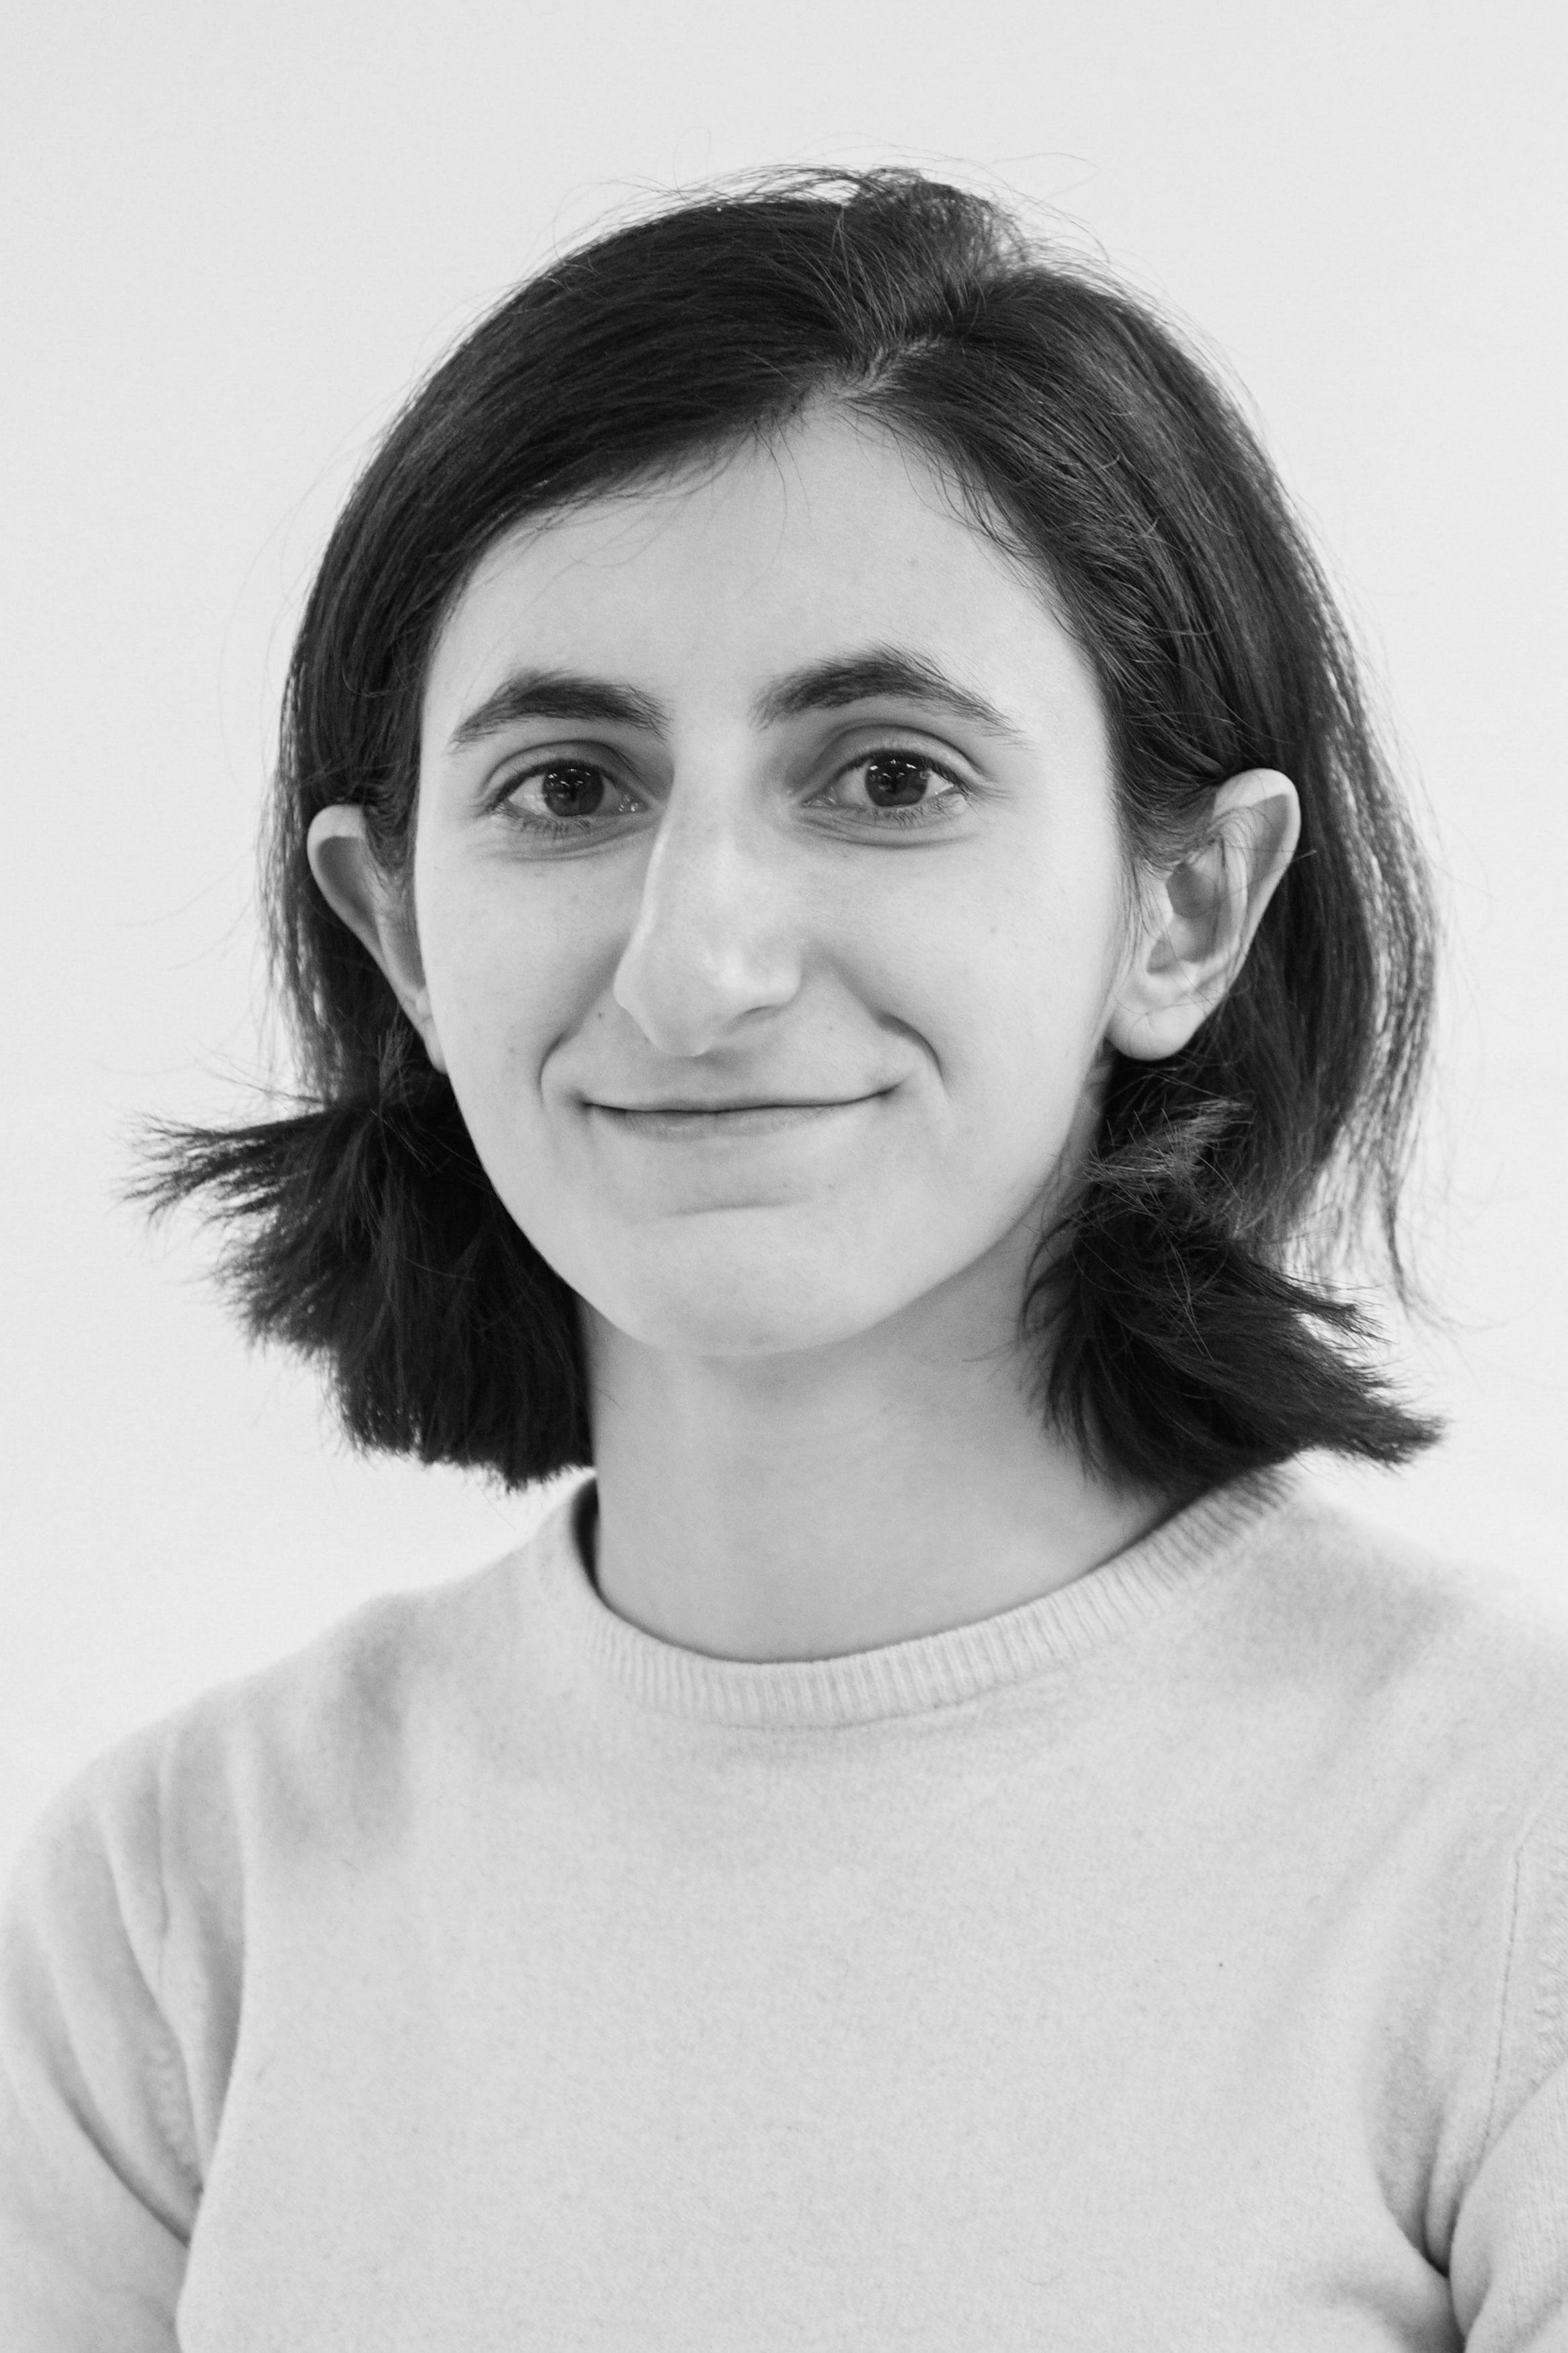 Olivia Burca, NadiX Garment Engineer